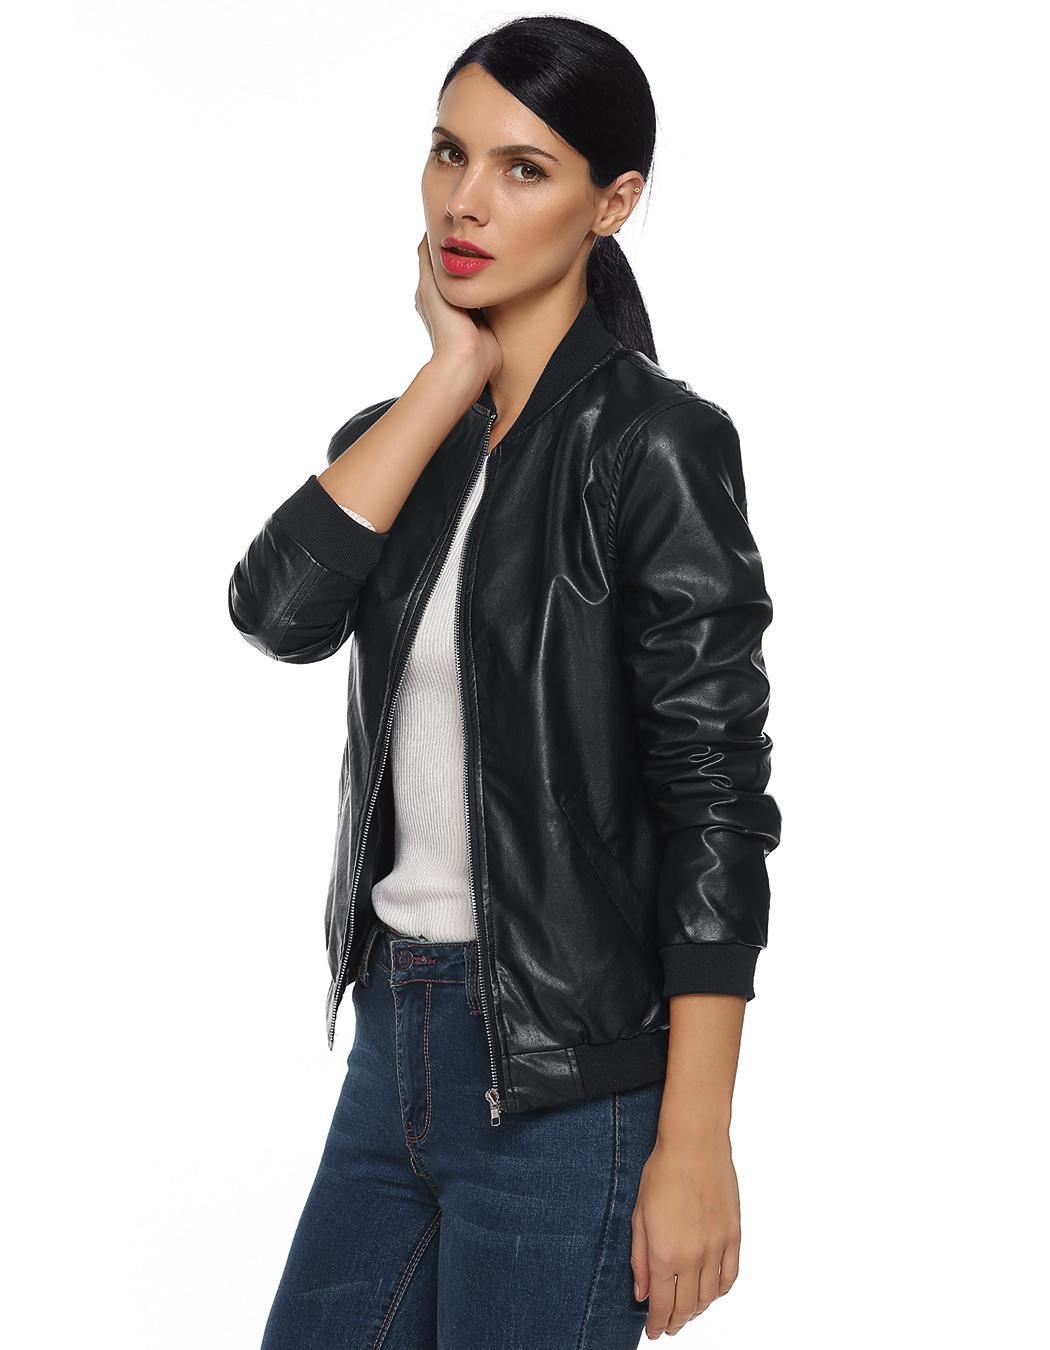 Women Casual Zipper Synthetic Leather Biker Jacket Coat 0